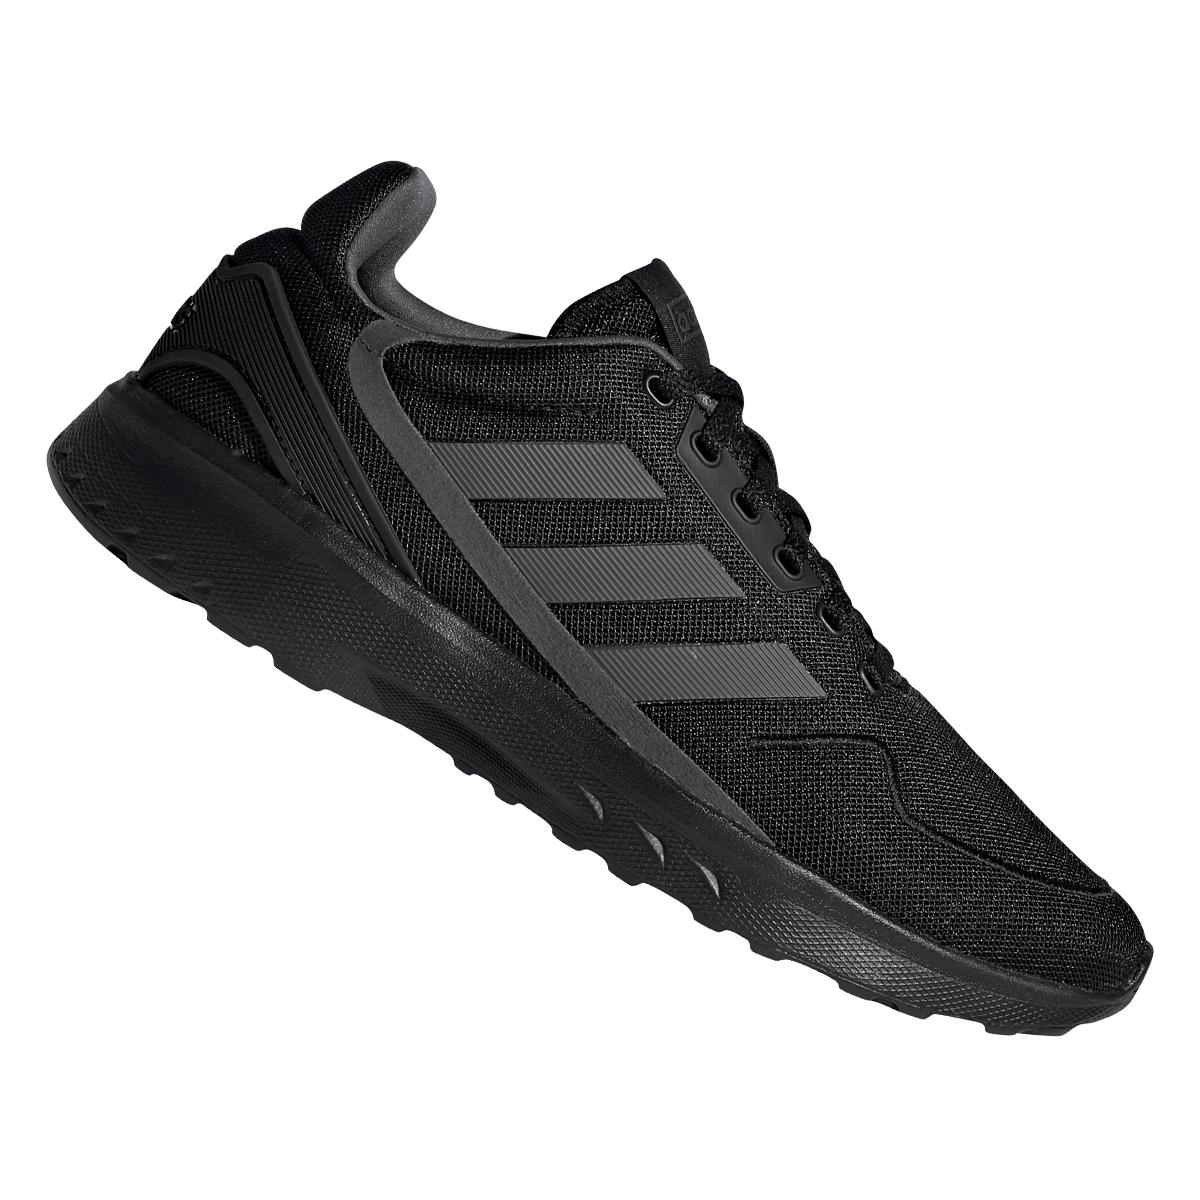 adidas Schuh Nebzed schwarz (Größen 42 2/3 bis 47 1/3)